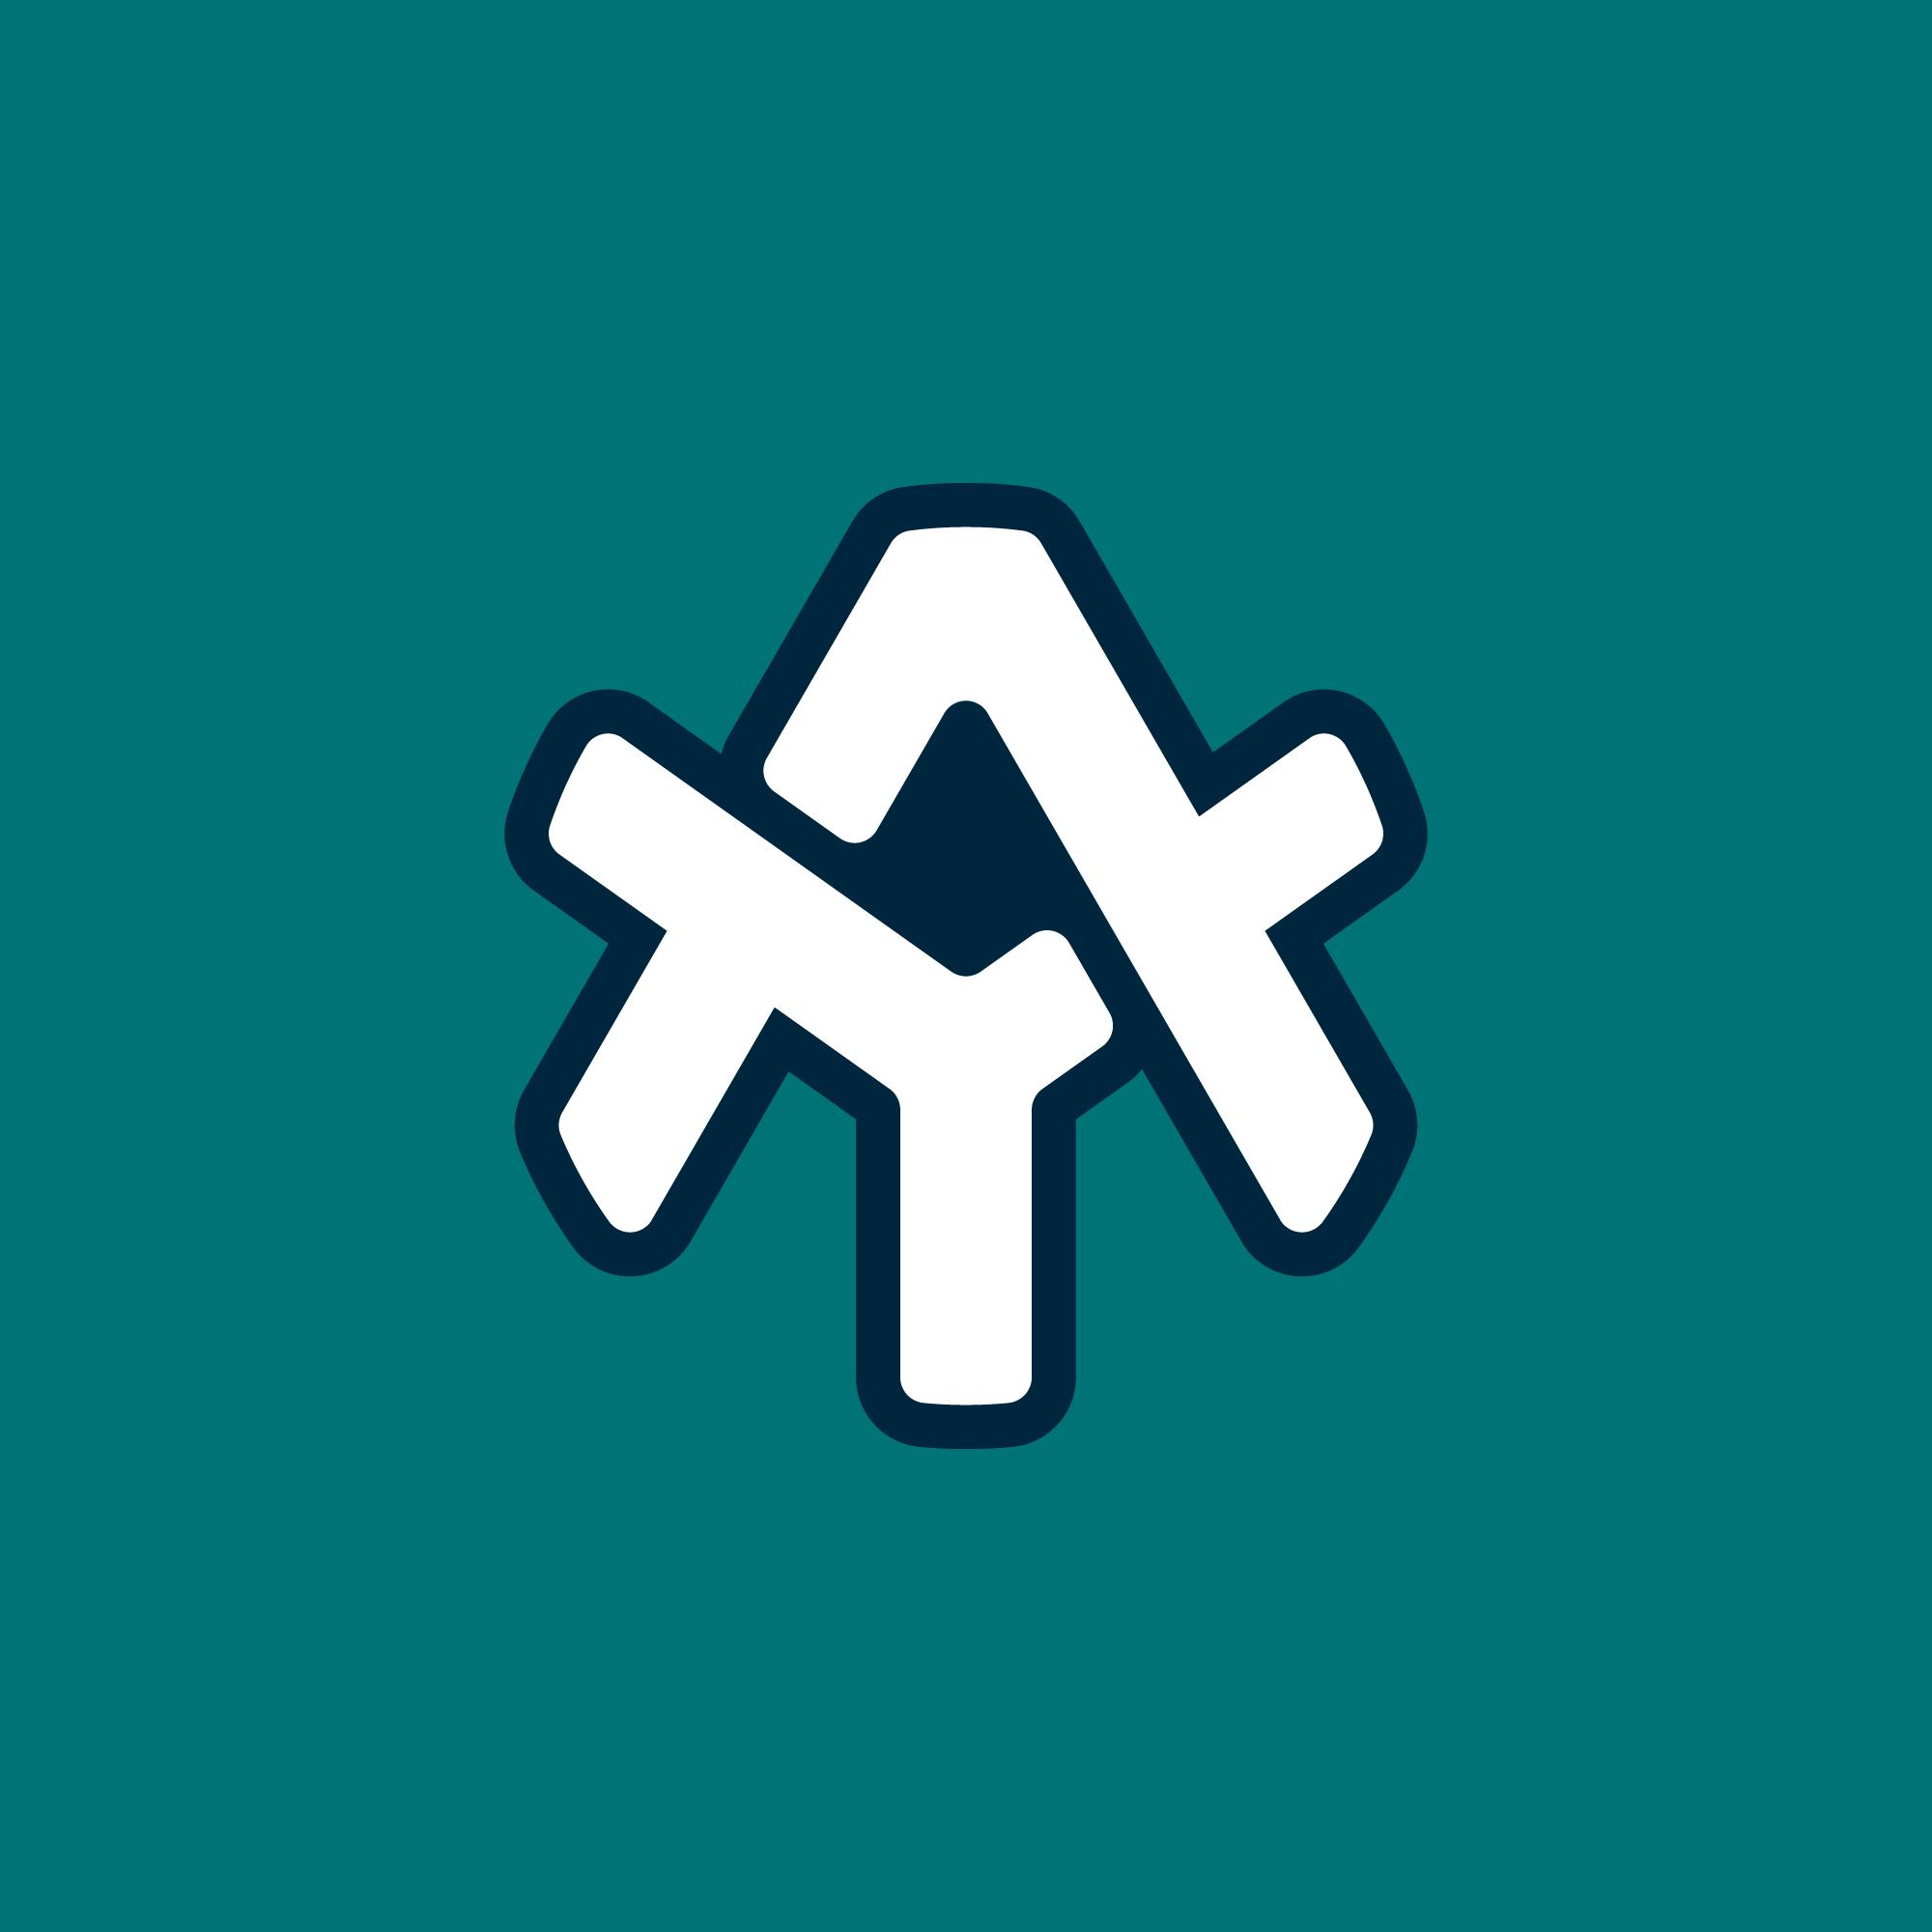 Alex Yarrish Design & Photography on LogoLounge